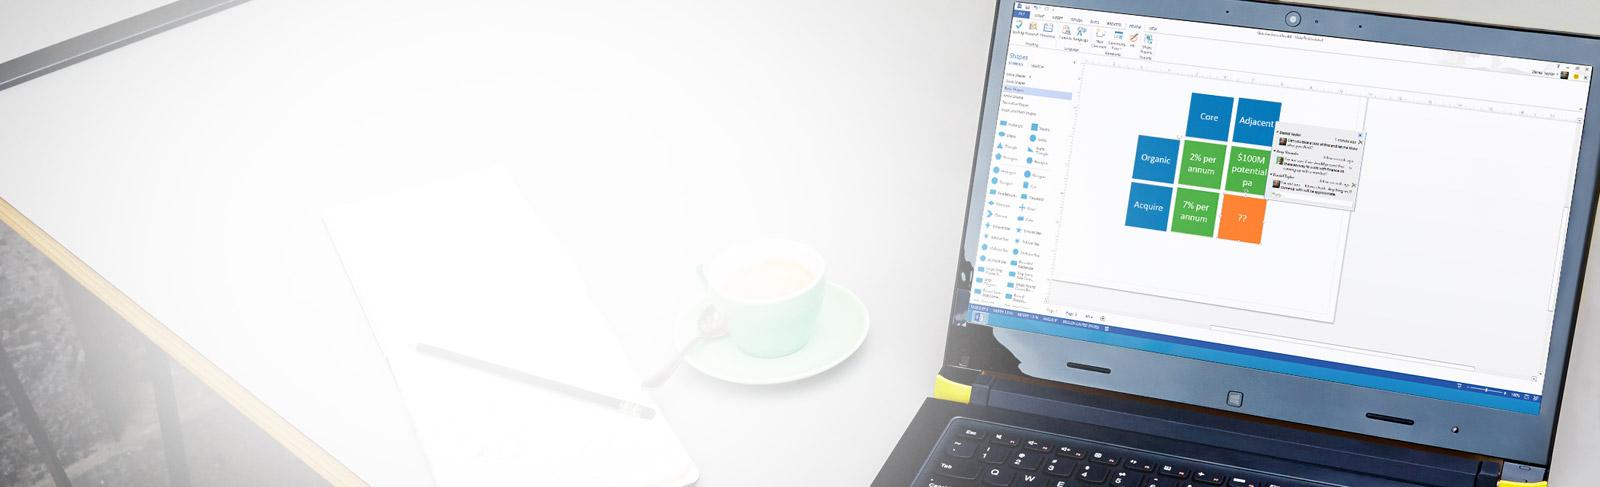 사용 중인 Visio Standard 2013을 보여 주는 랩톱